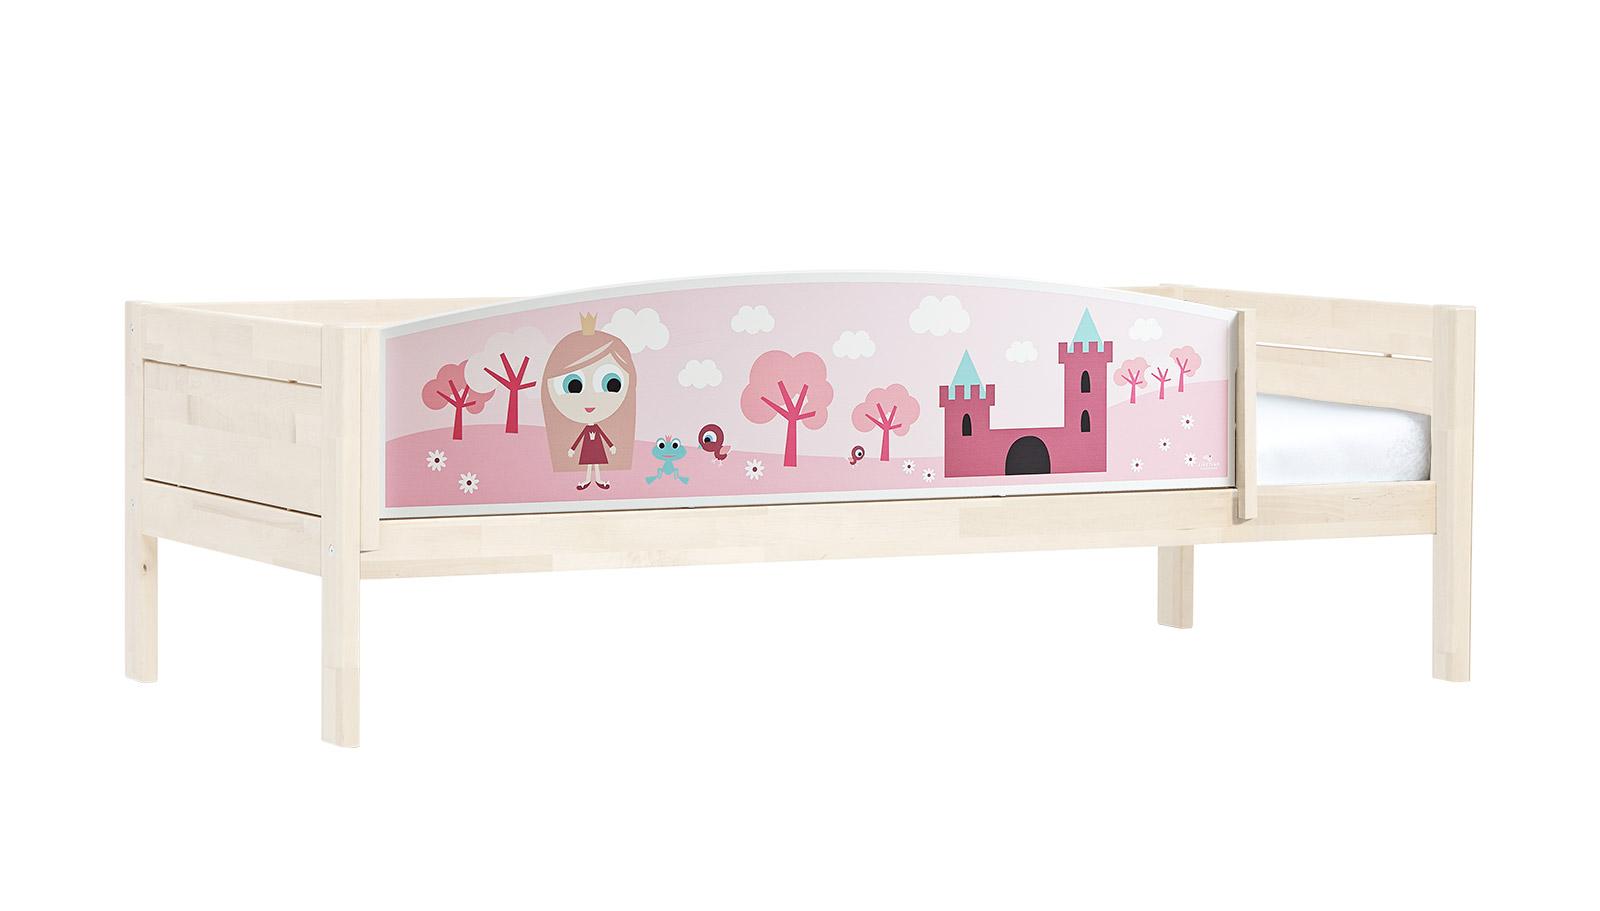 kinderbett mit rollen kinderbett mit rollen bestseller. Black Bedroom Furniture Sets. Home Design Ideas